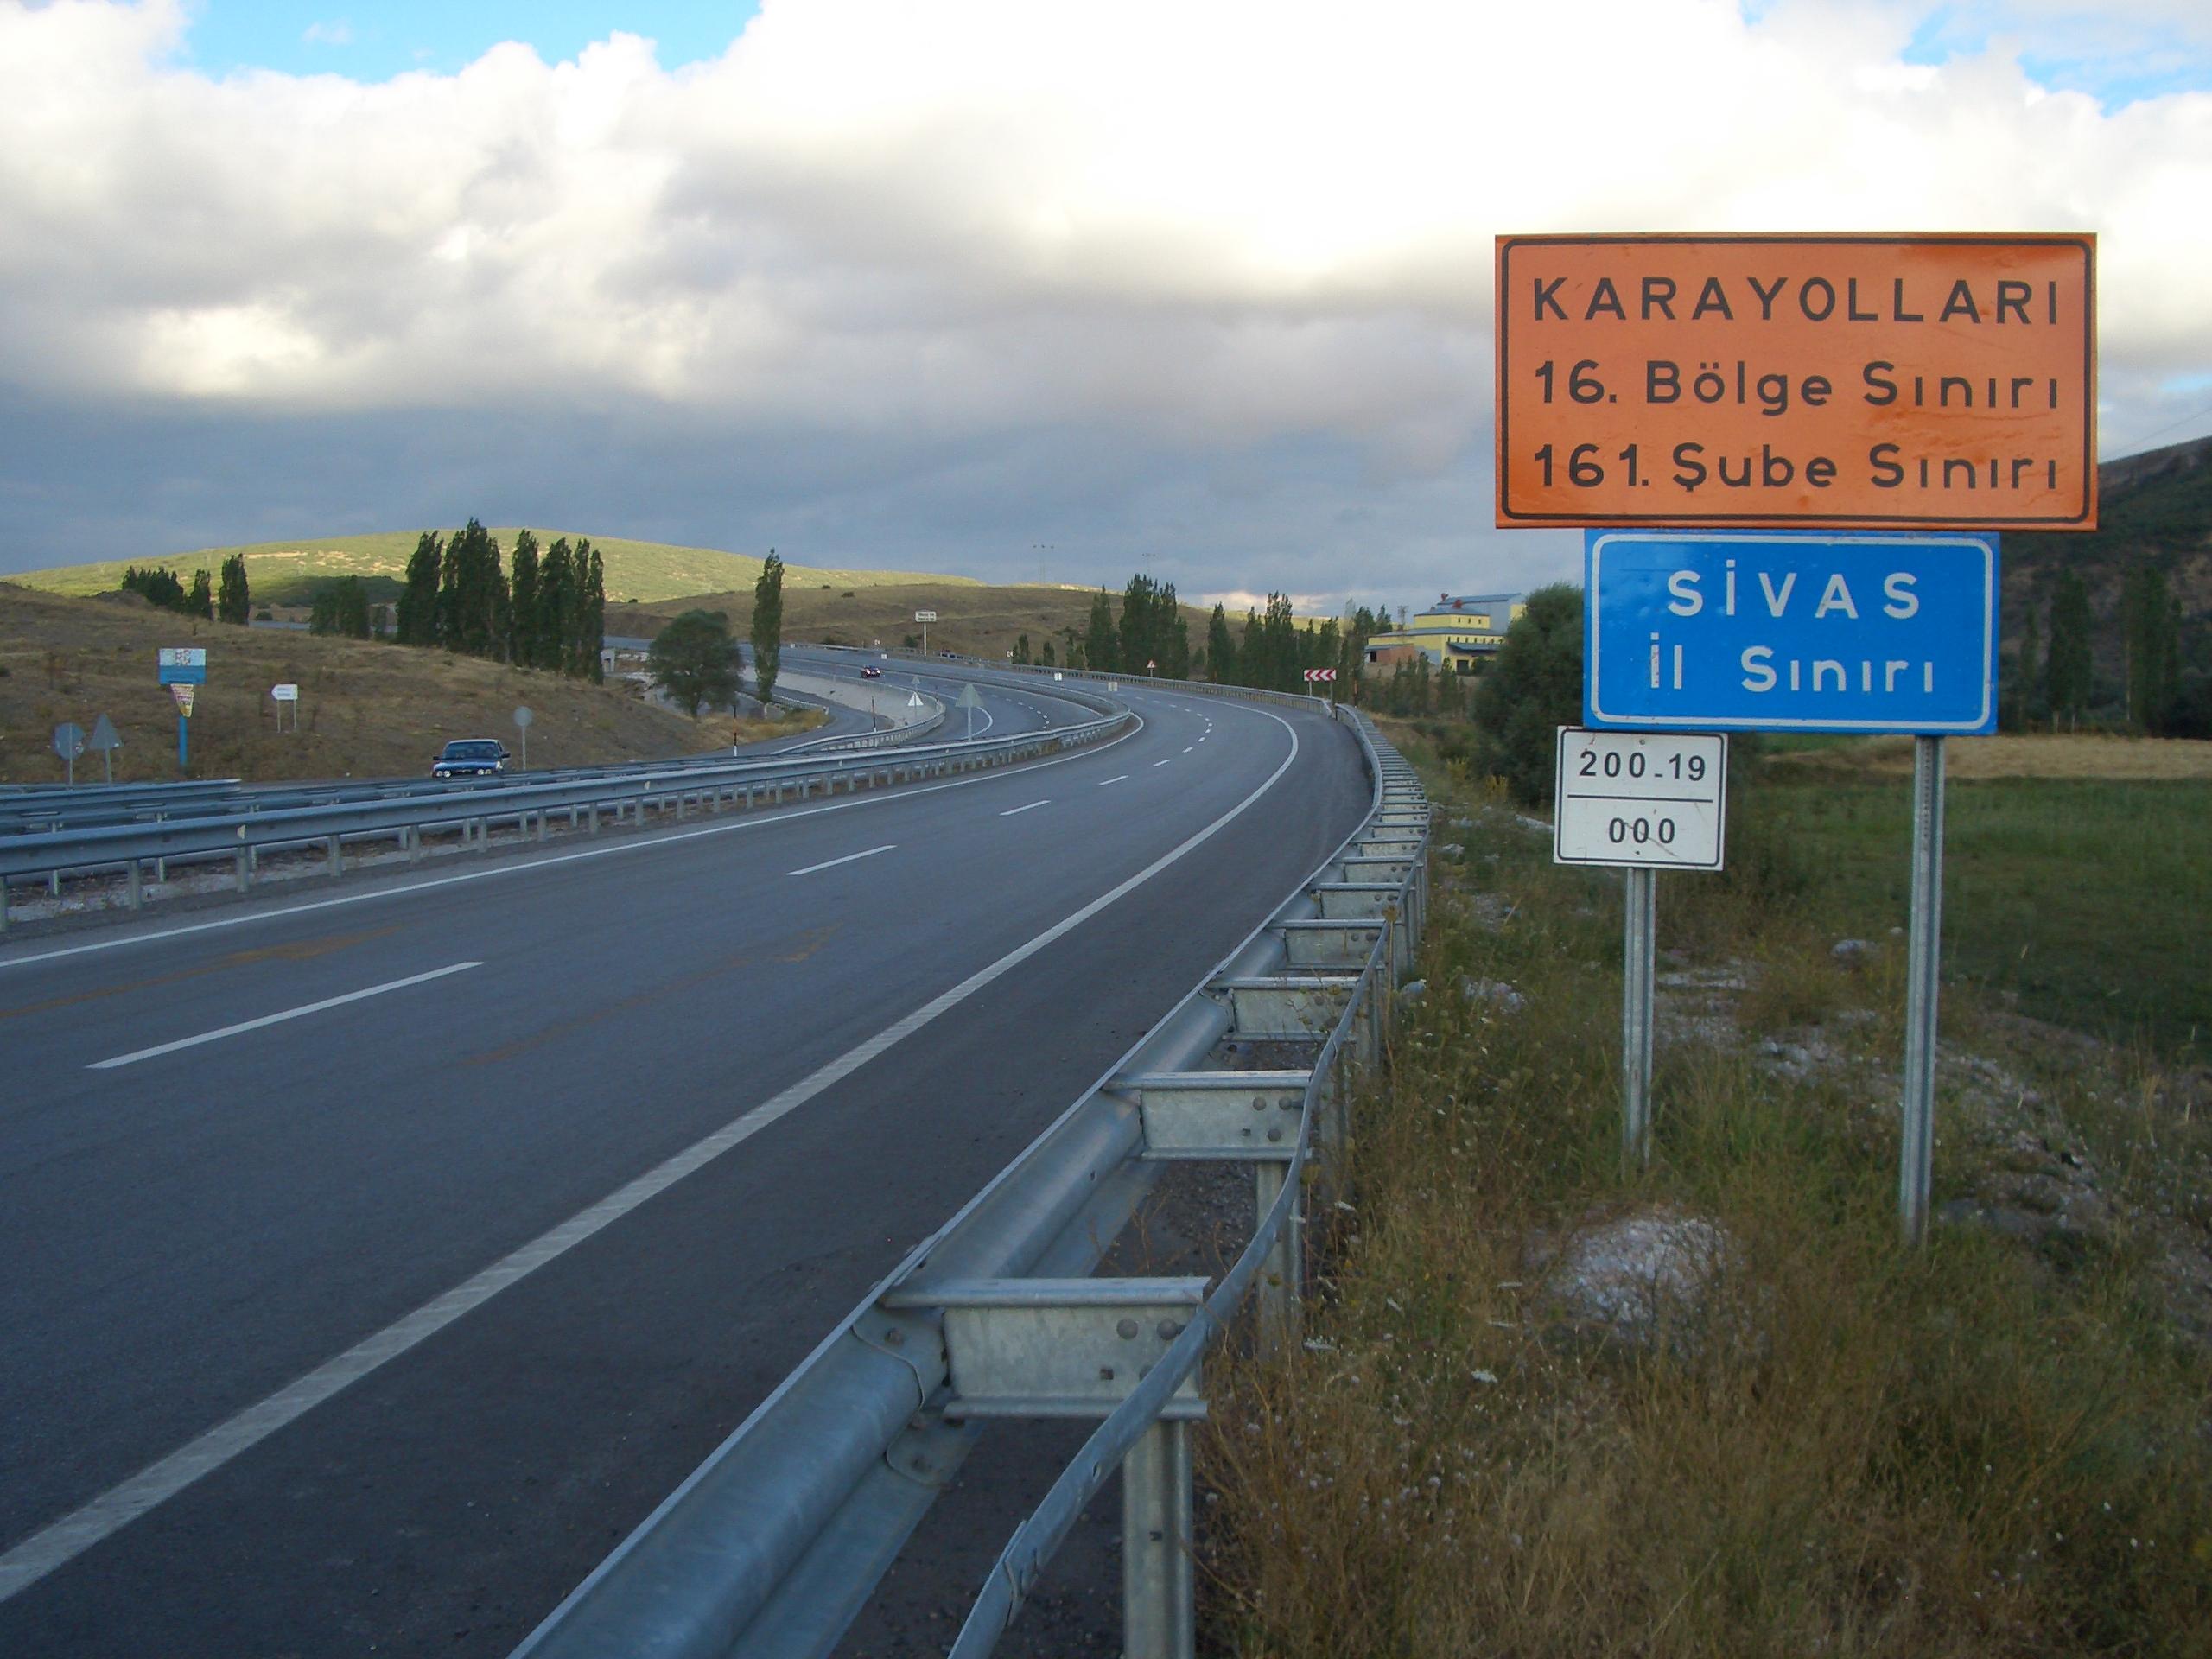 Sivas Köylere Hizmet Götürme